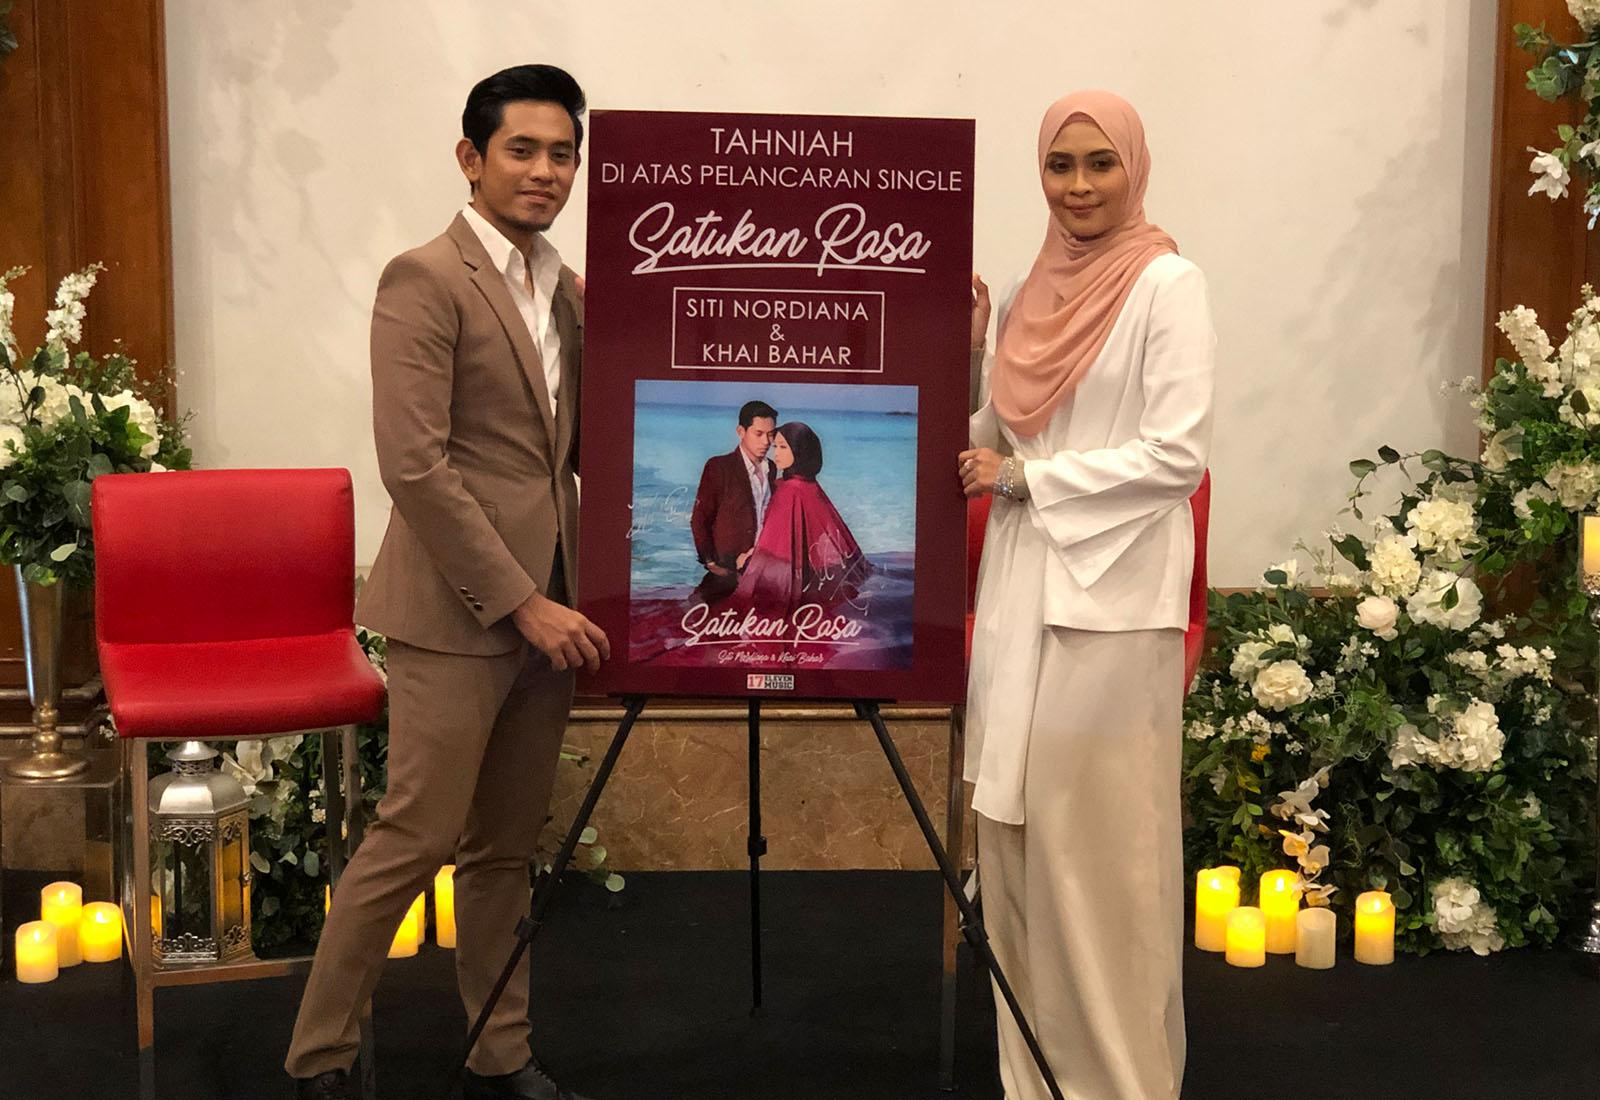 Photo of Khai Bahar, Siti Nordiana Akhirnya 'Disatukan' Menerusi Satukan Rasa